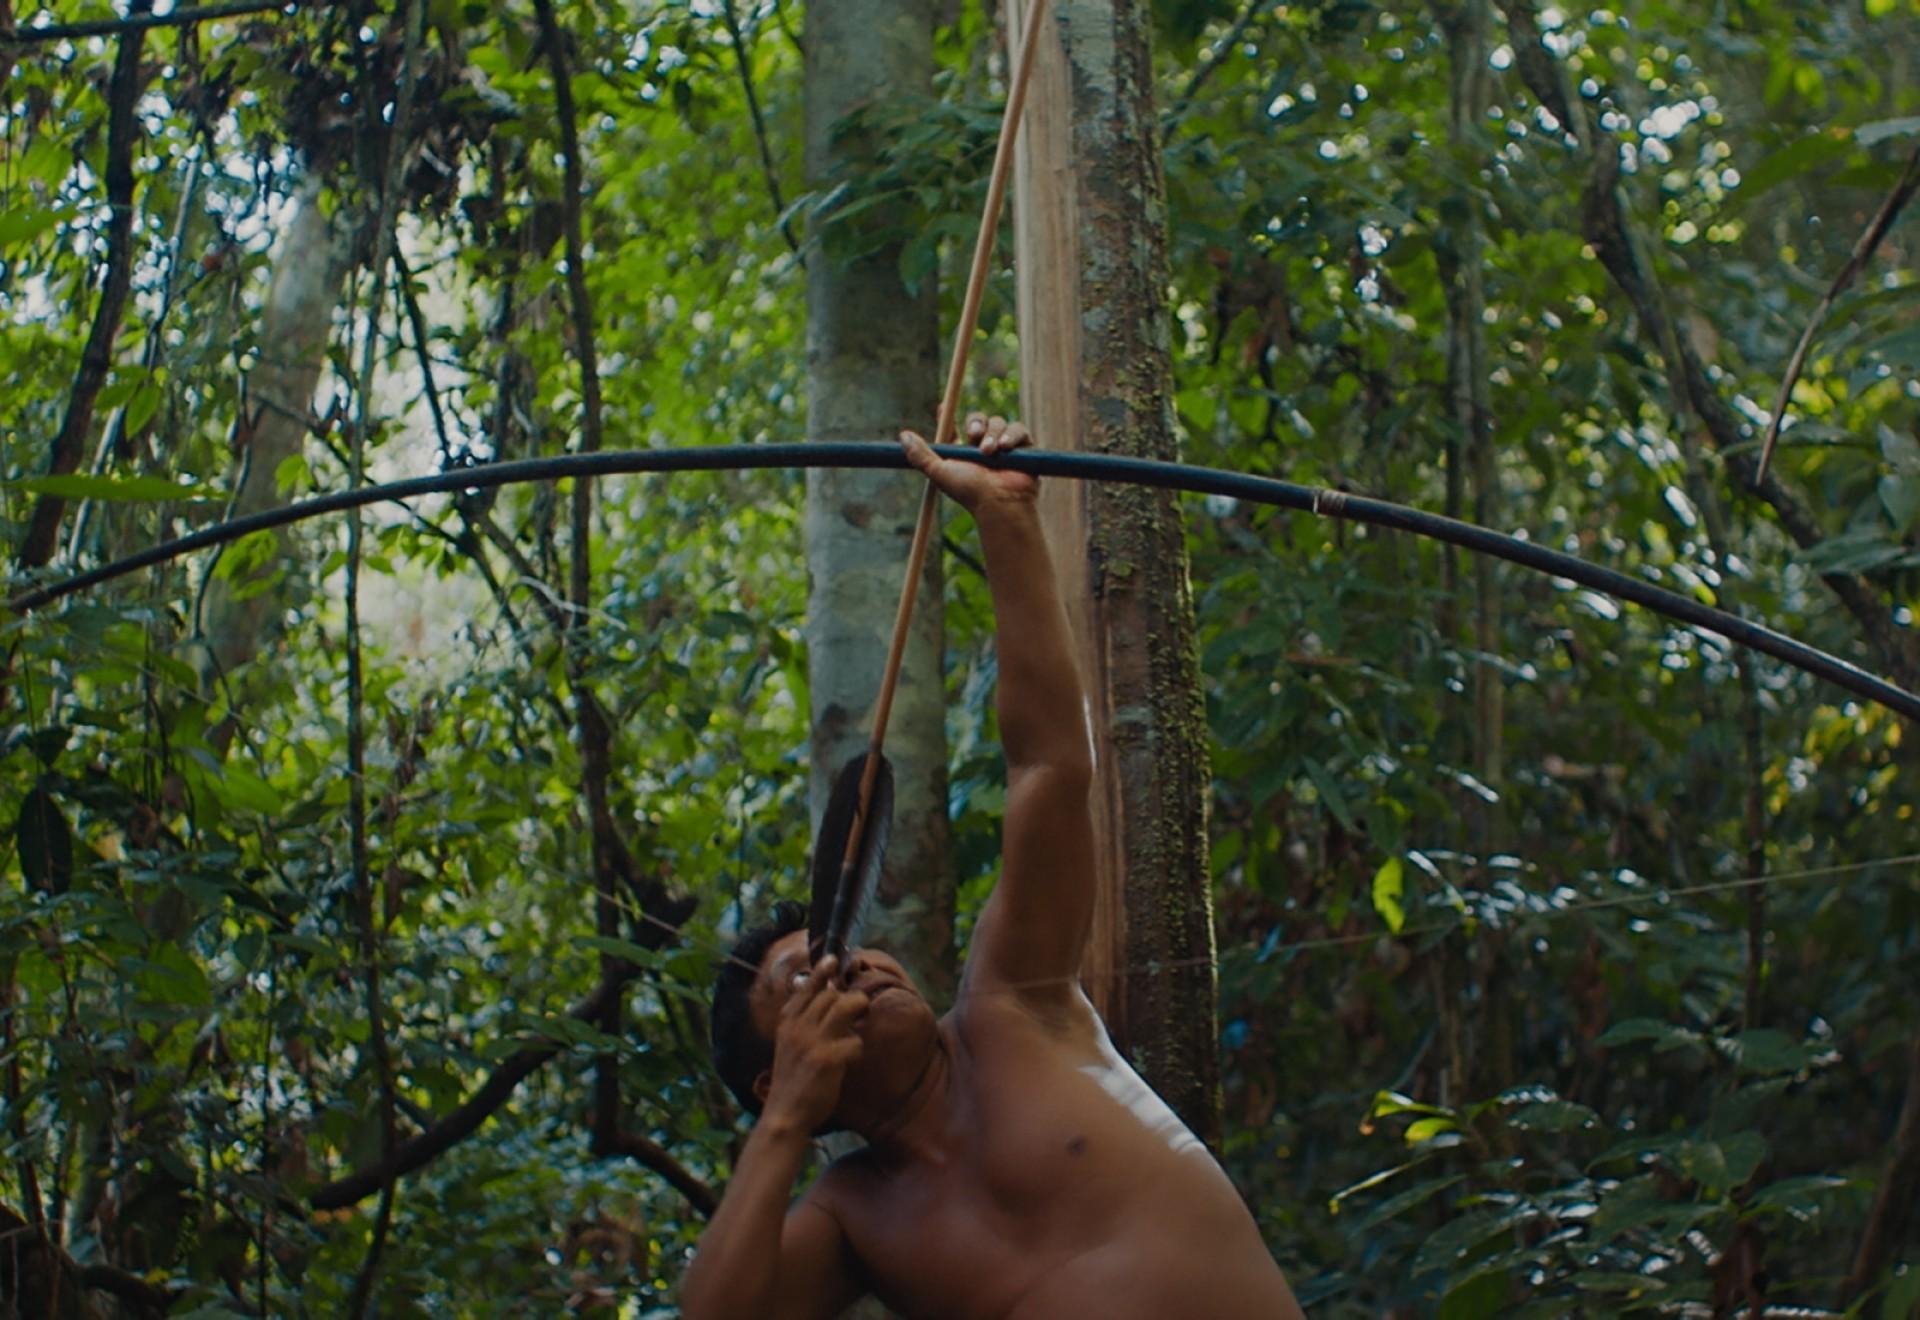 Filme é dirigido por Luiz Bolognesi ('Ex-Pajé') e protagonizado pelo xamã Davi Kopenawa. Ambos assinam o roteiro (Foto: Pedro J Márquez / divulgação)